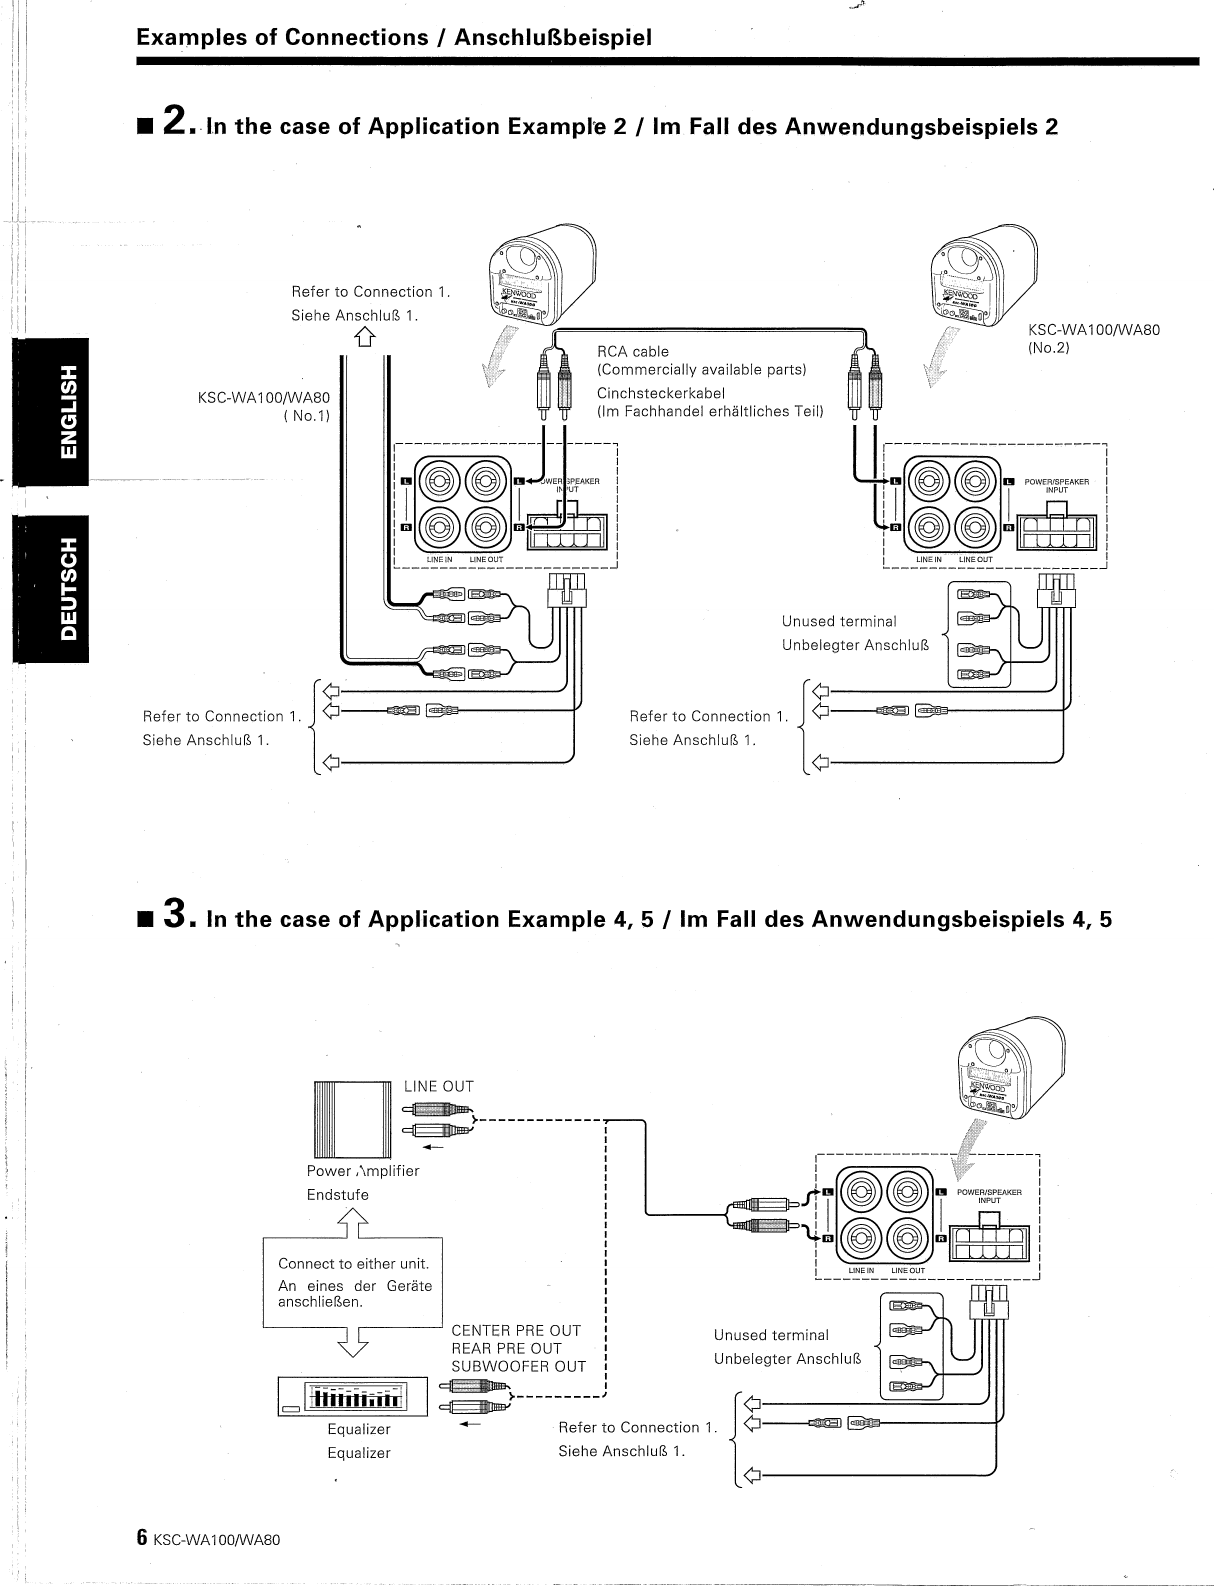 Kenwood Ksc Wa100 Wiring Diagram - Wiring Diagram on